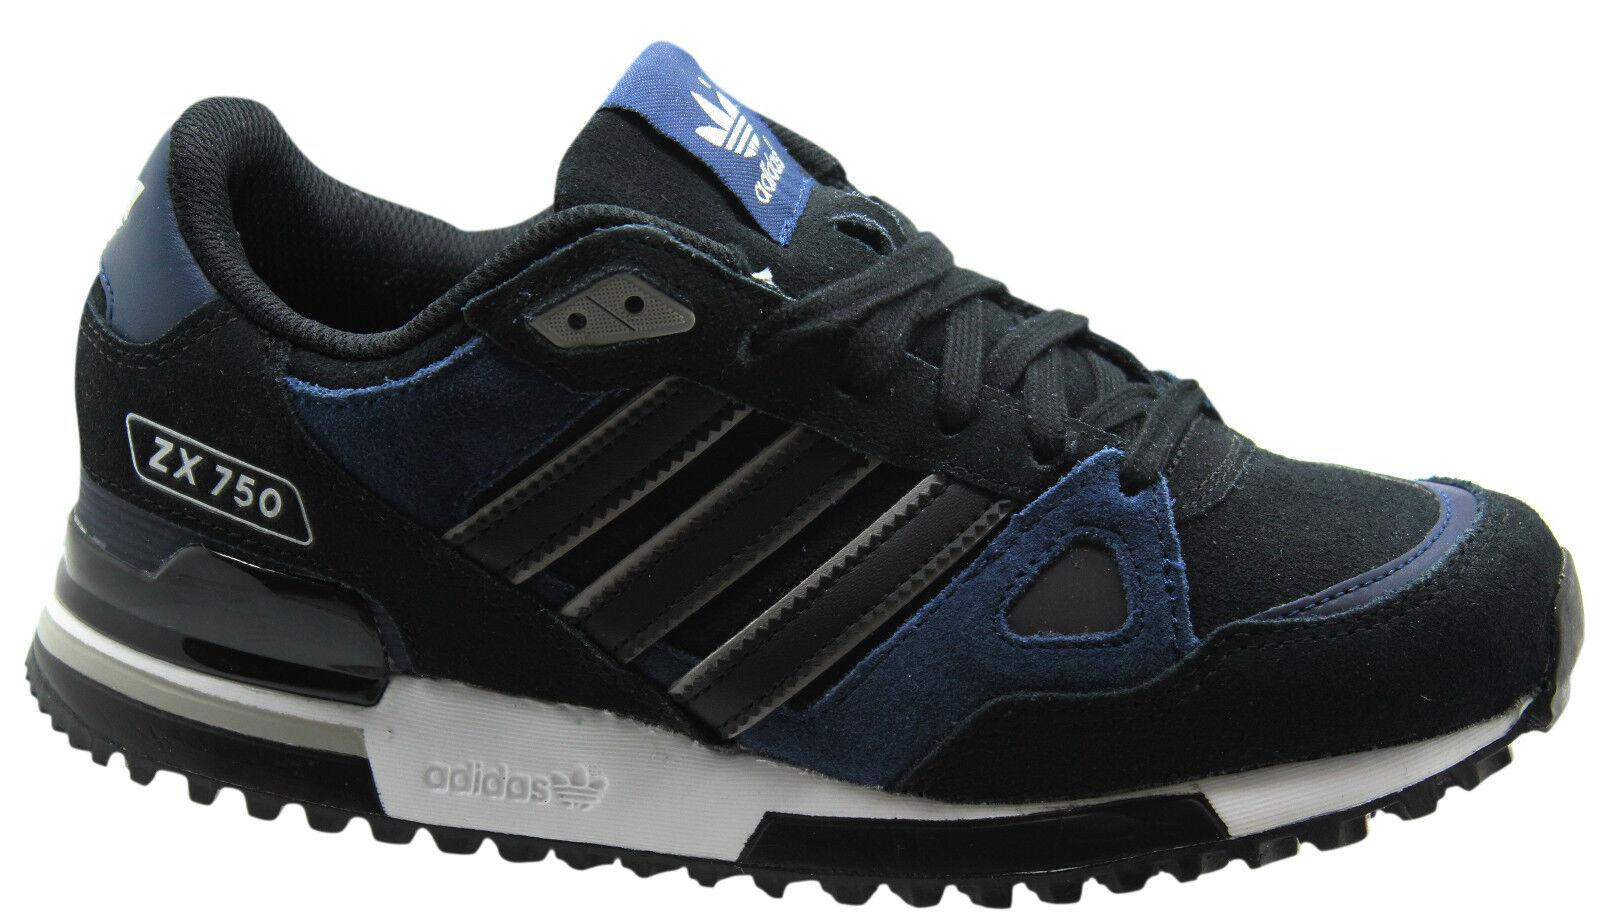 Adidas Originals Negro ZX 750 Hombre Trainers Negro Originals Azul Suede Leather B25958 D74 dfdddc